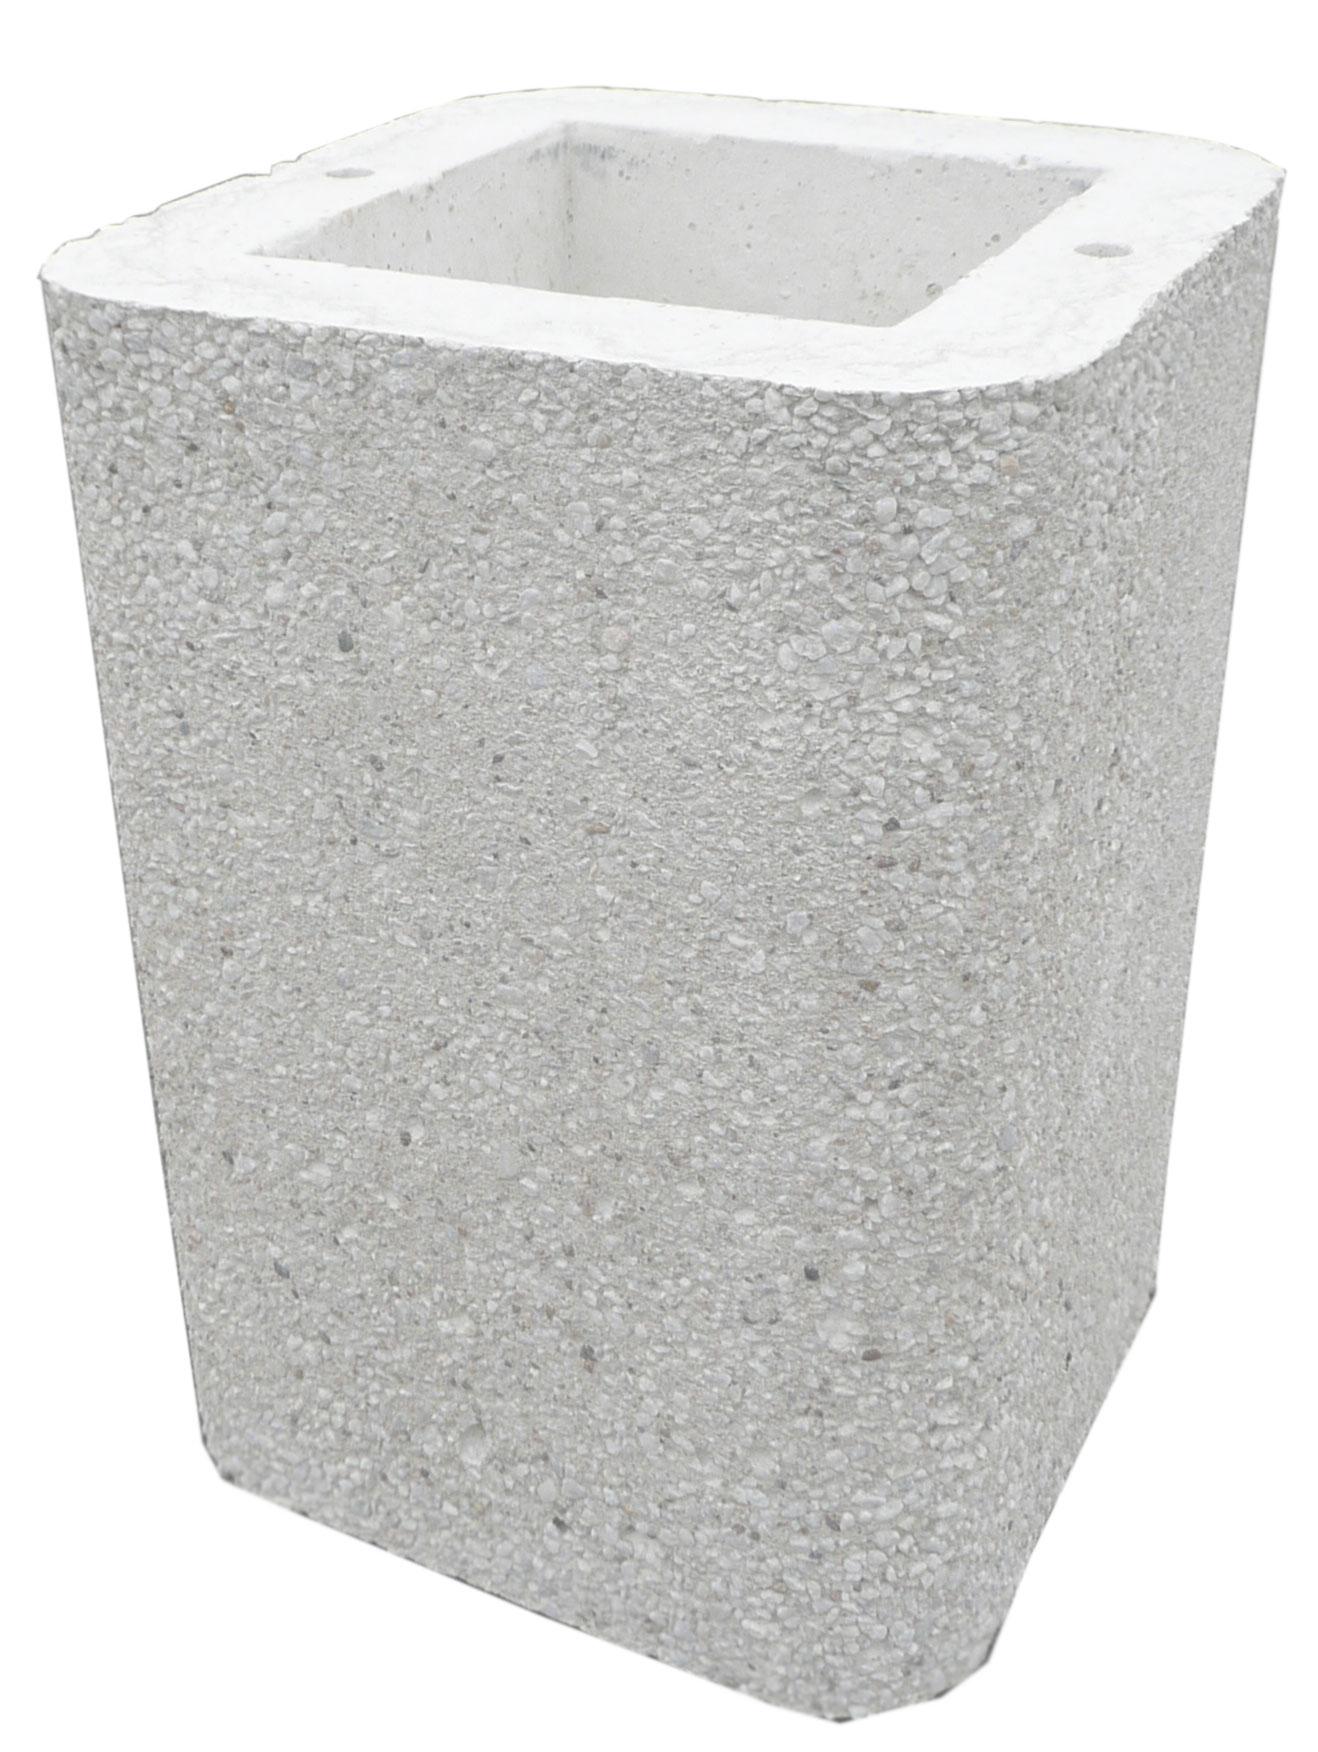 Wellfire Haubenverlängerung 40 cm Grillkamin Siesta weiß Bild 1